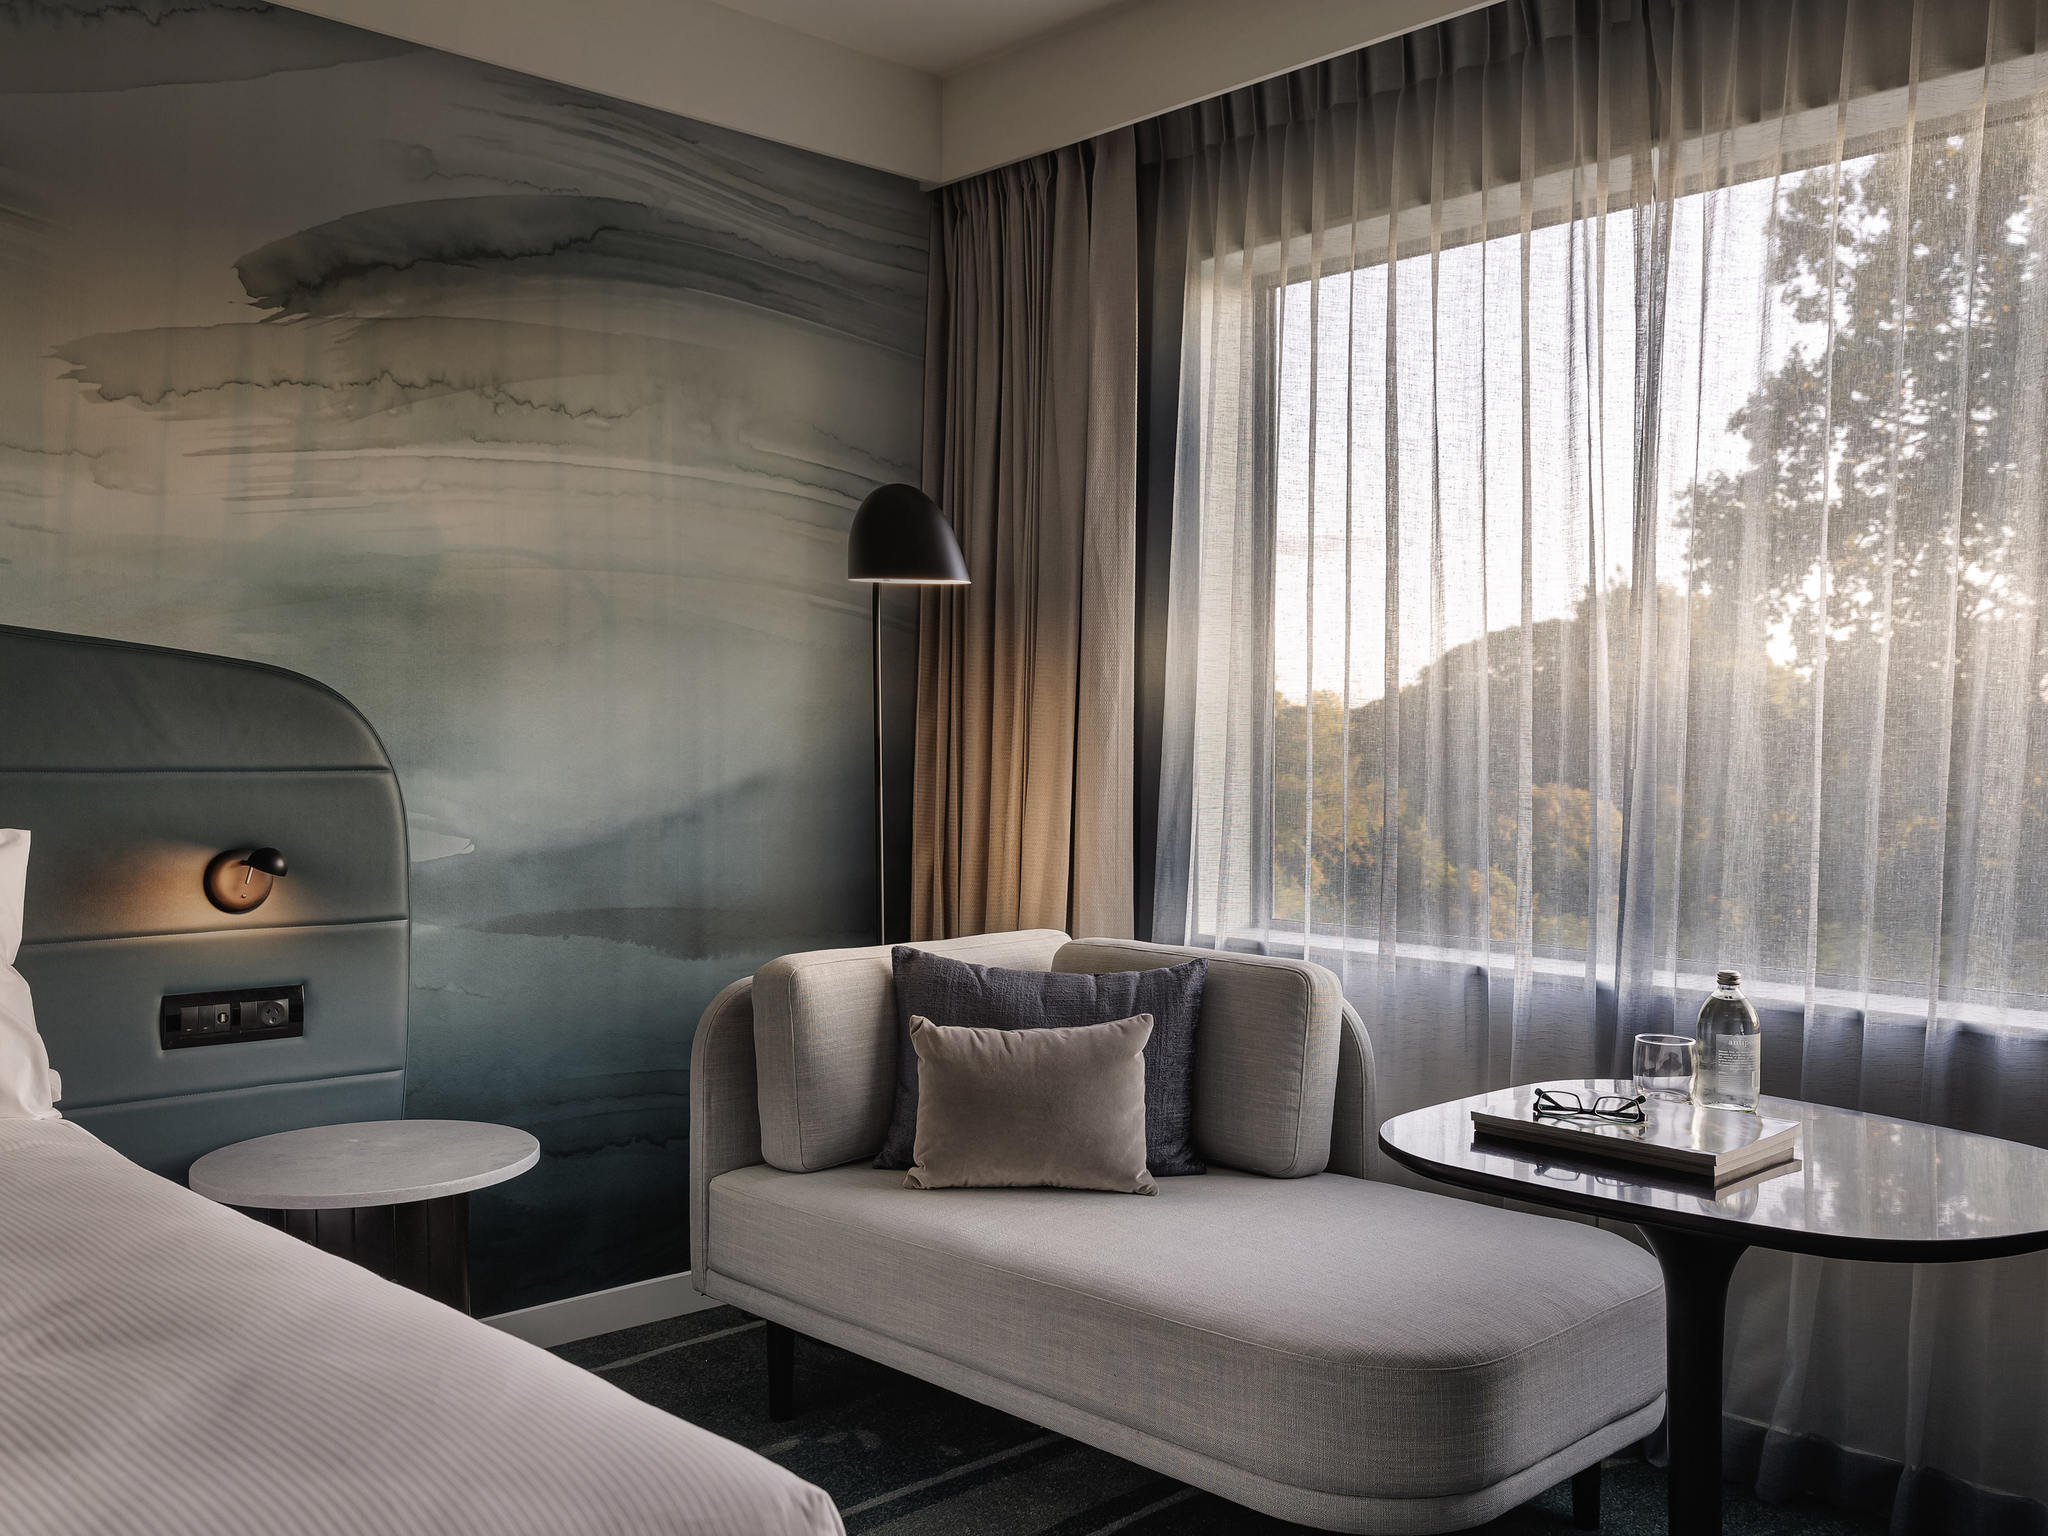 酒店 – 泰努伊汉密尔顿诺富特酒店